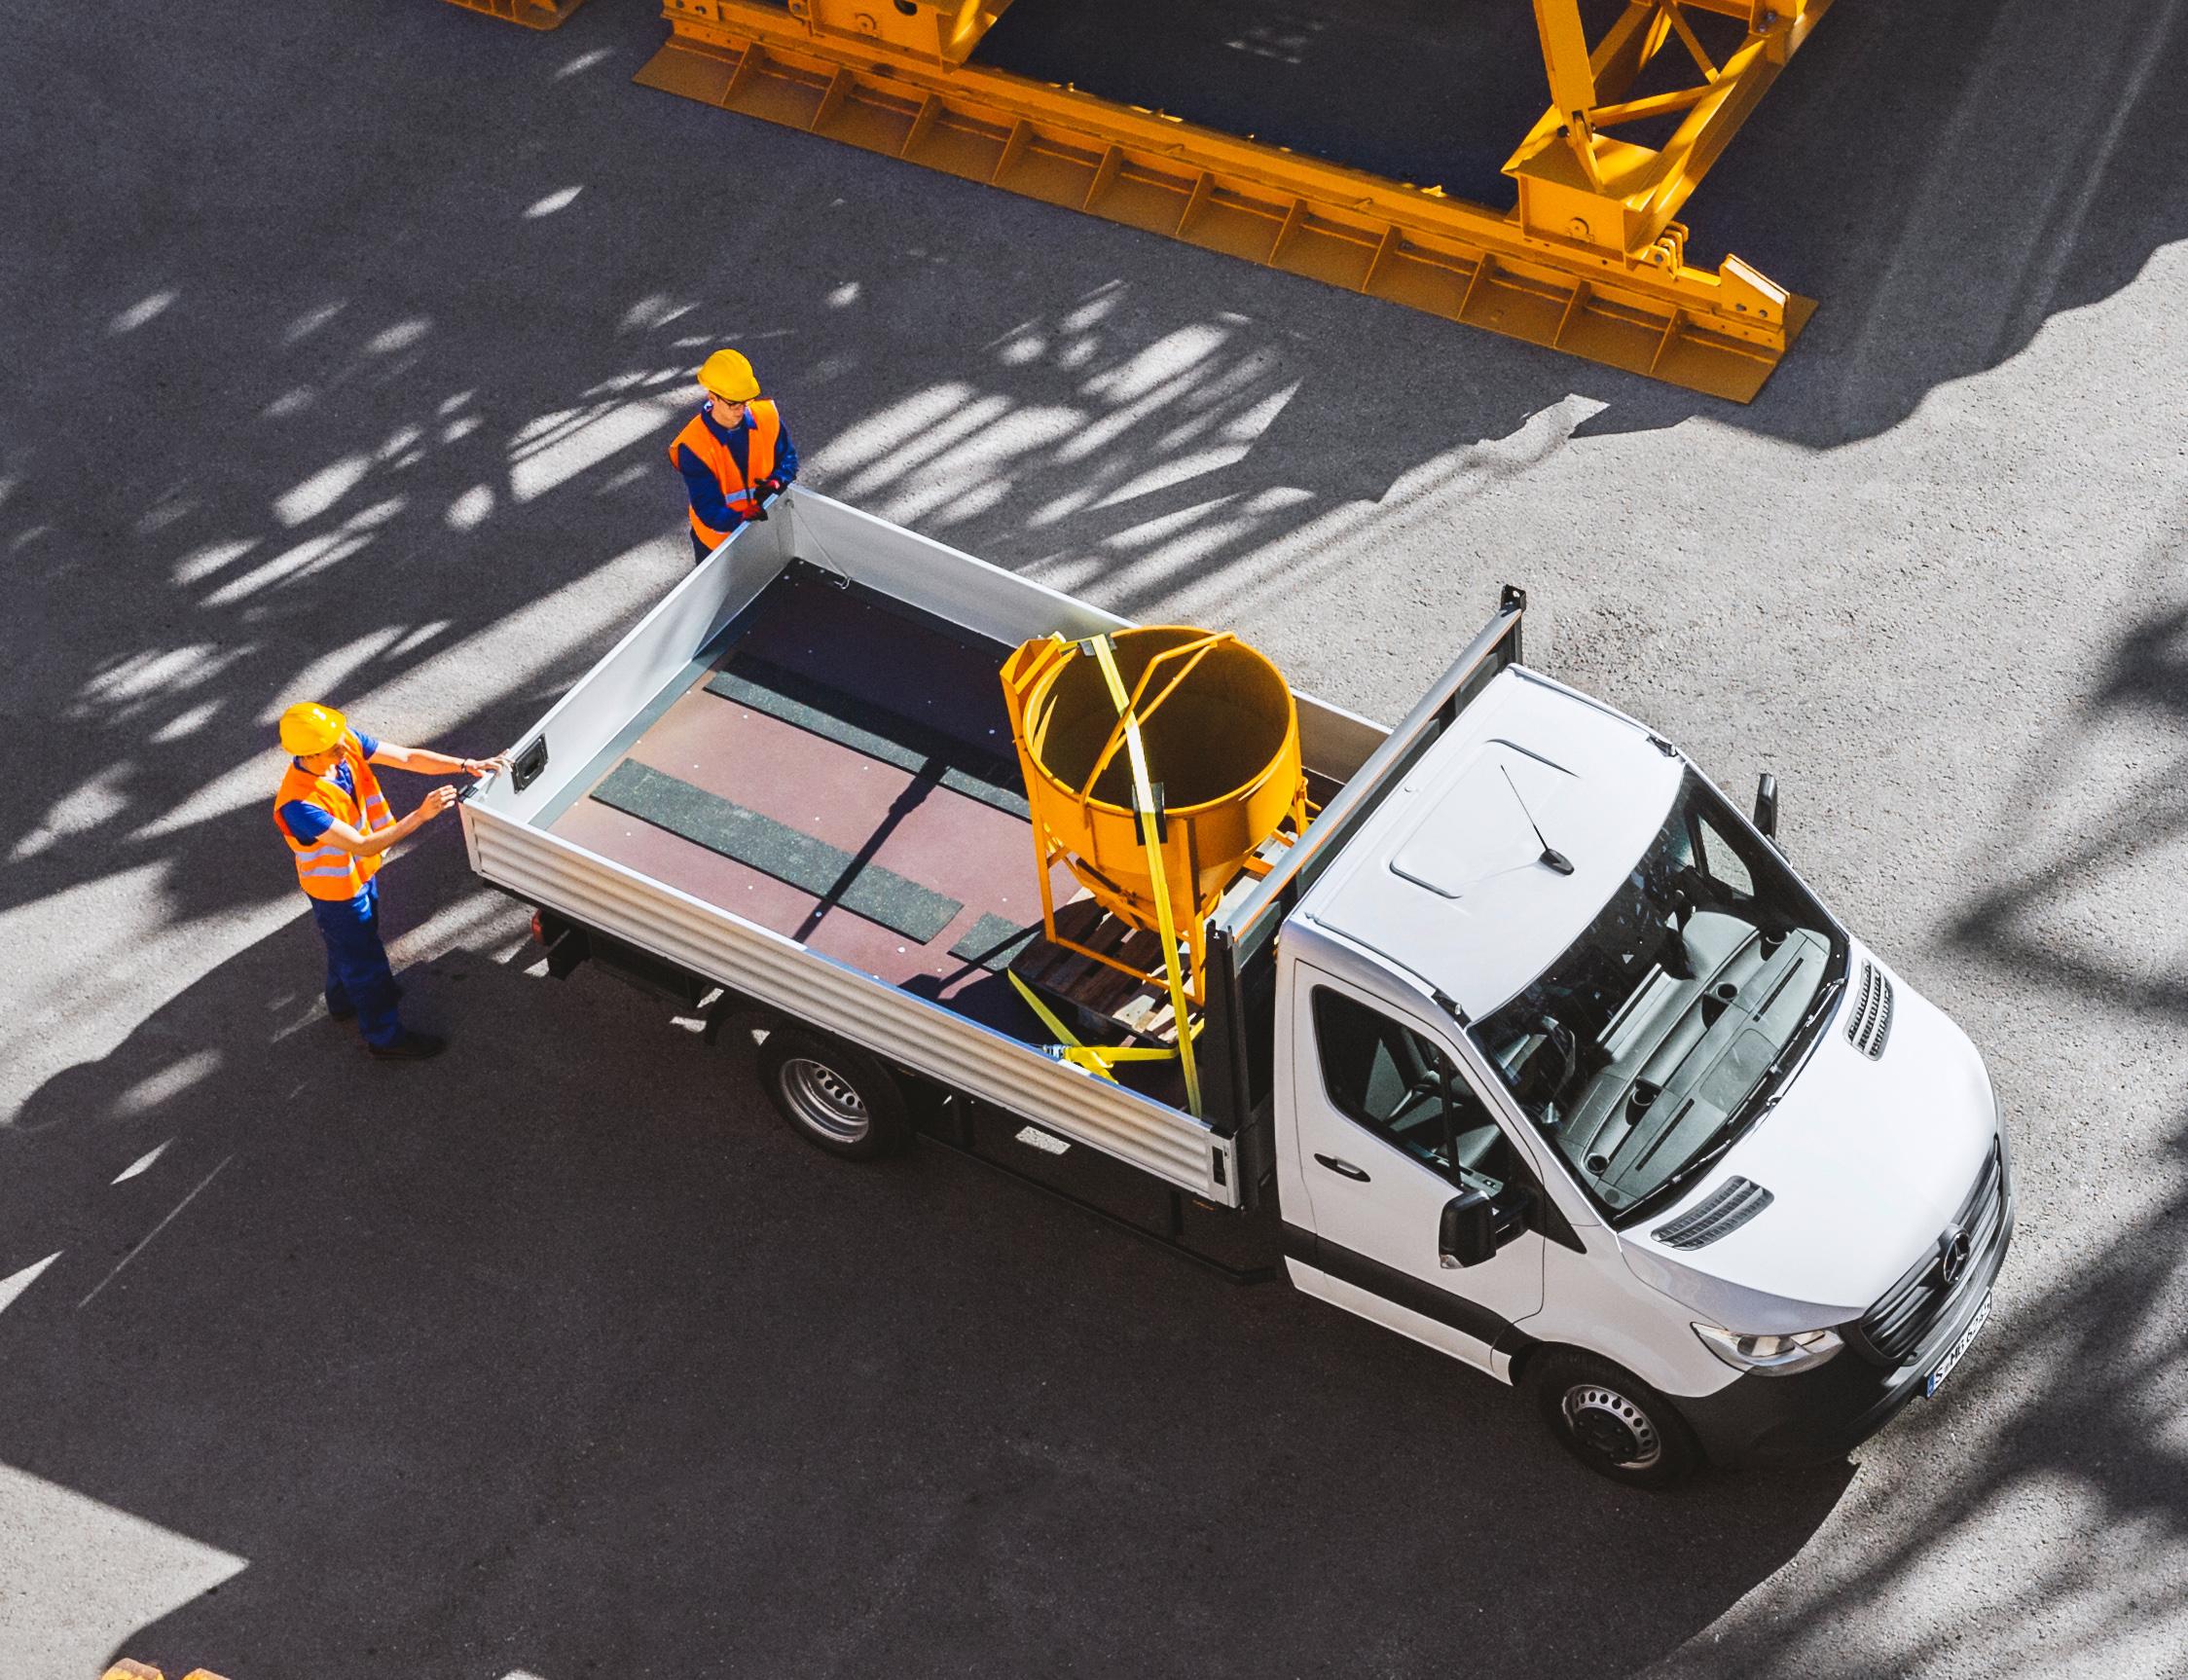 Mercedes-Benz-Sprinter-Pritsche-Pritschenfahrzeug-Nutzfahrzeug-Extern-Transporter-beladen-Ladefläche